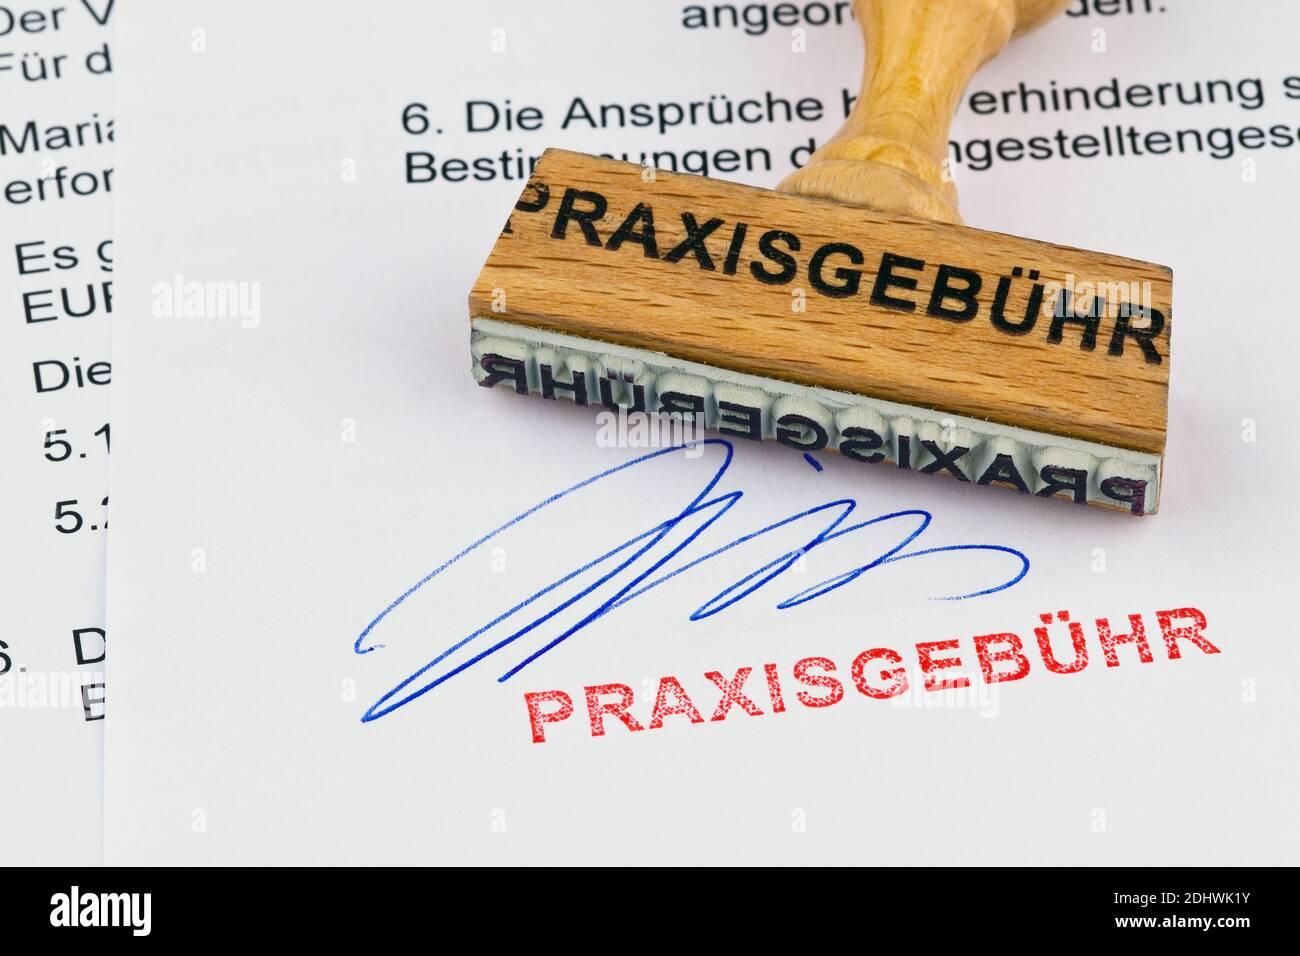 Ein Stempel aus Holz liegt auf einem Dokument. Aufschrift Praxisgebühr Stock Photo